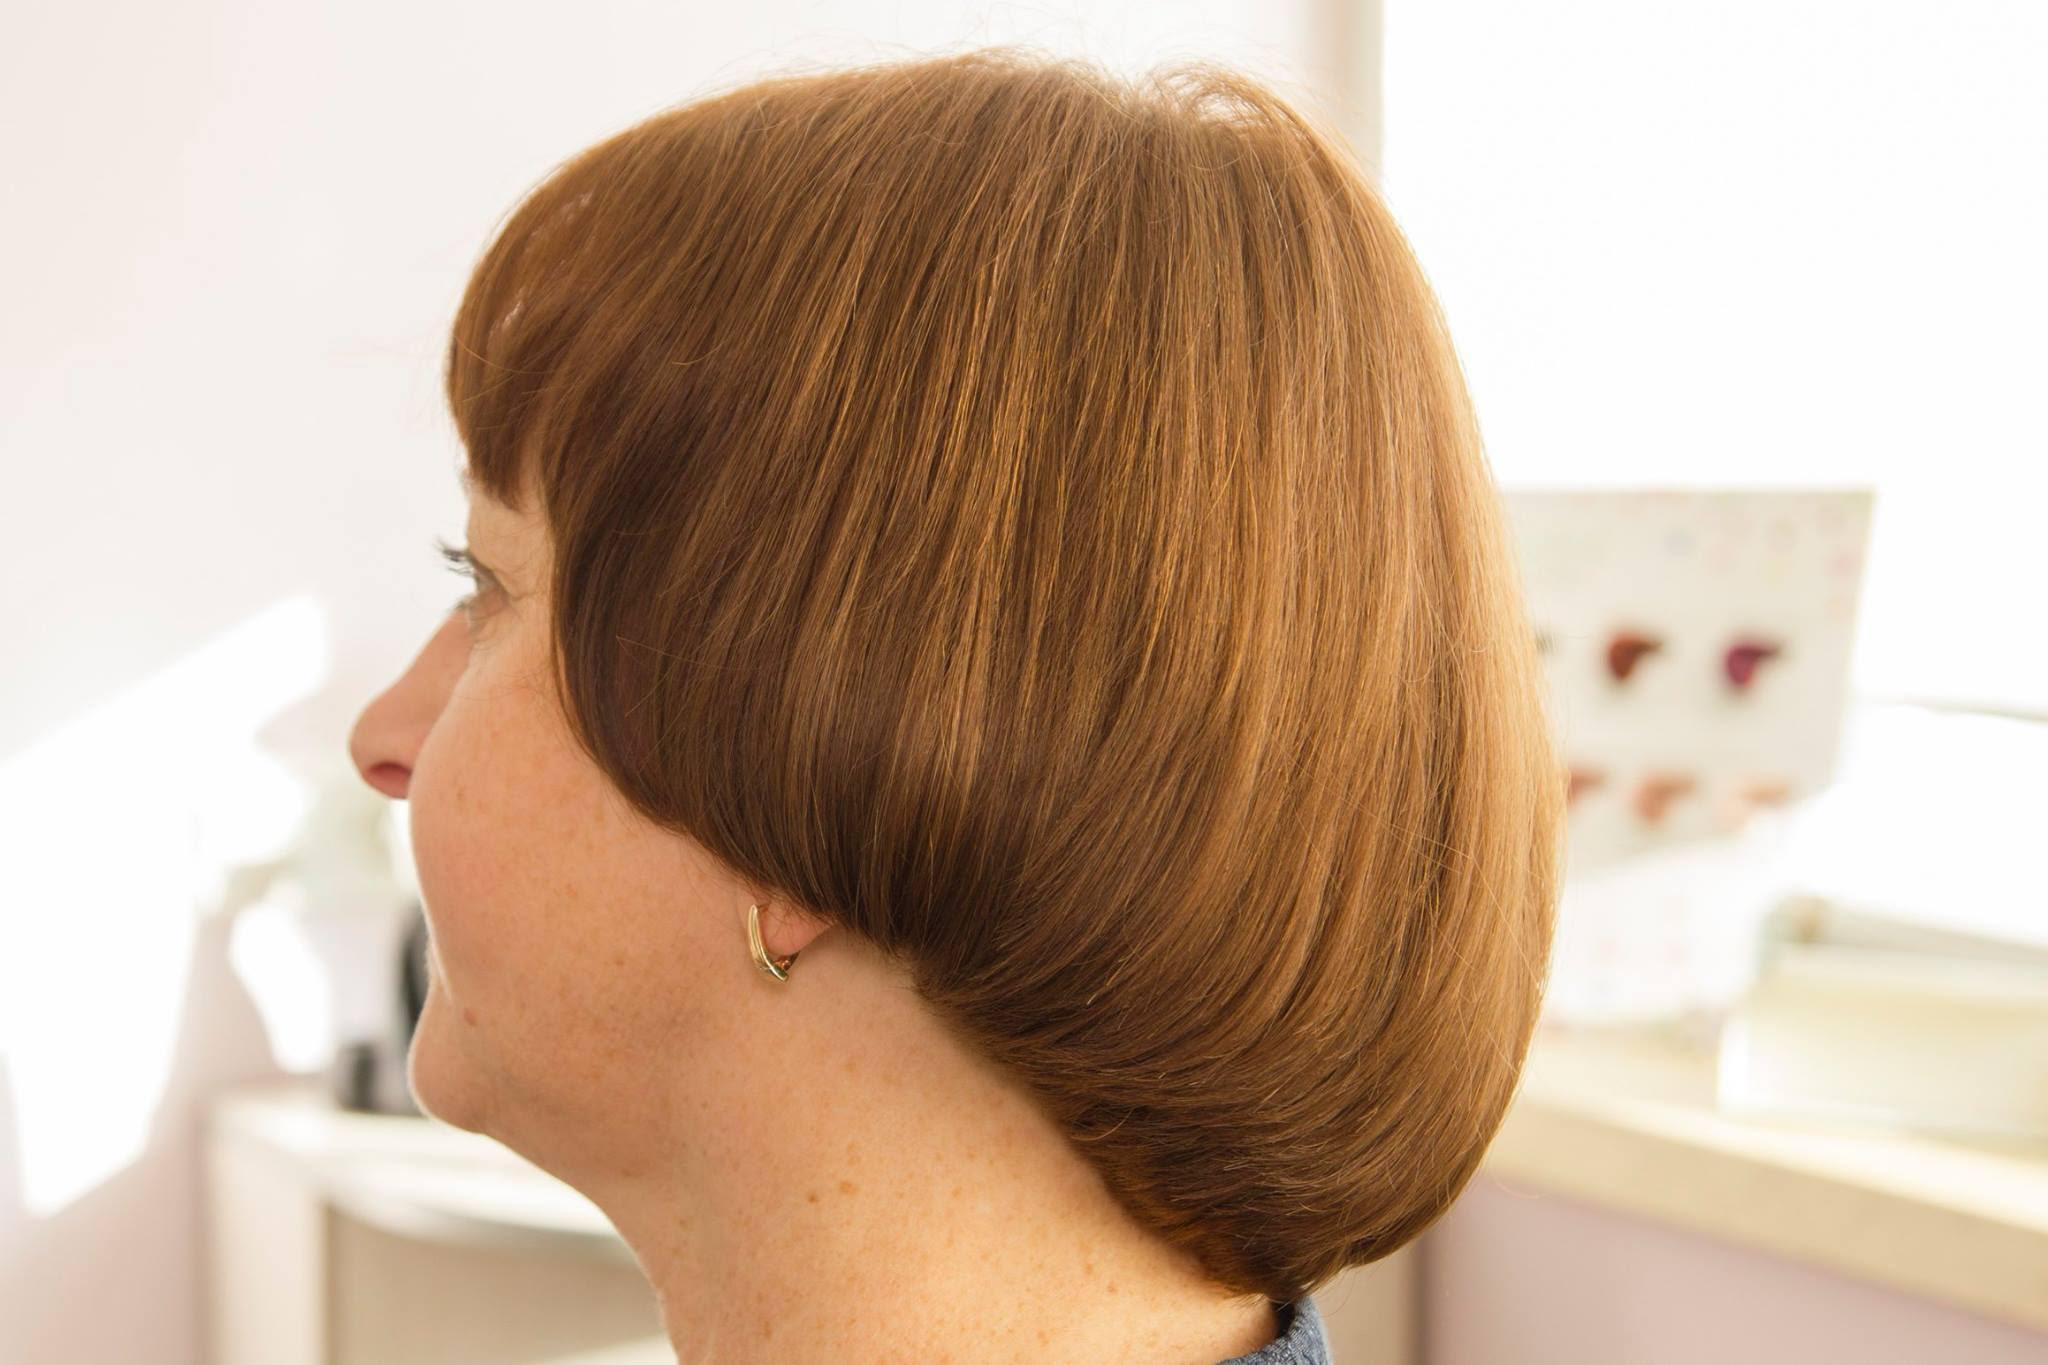 image22-43 | Модные женские стрижки на короткие волосы: основные правила и варианты исполнения